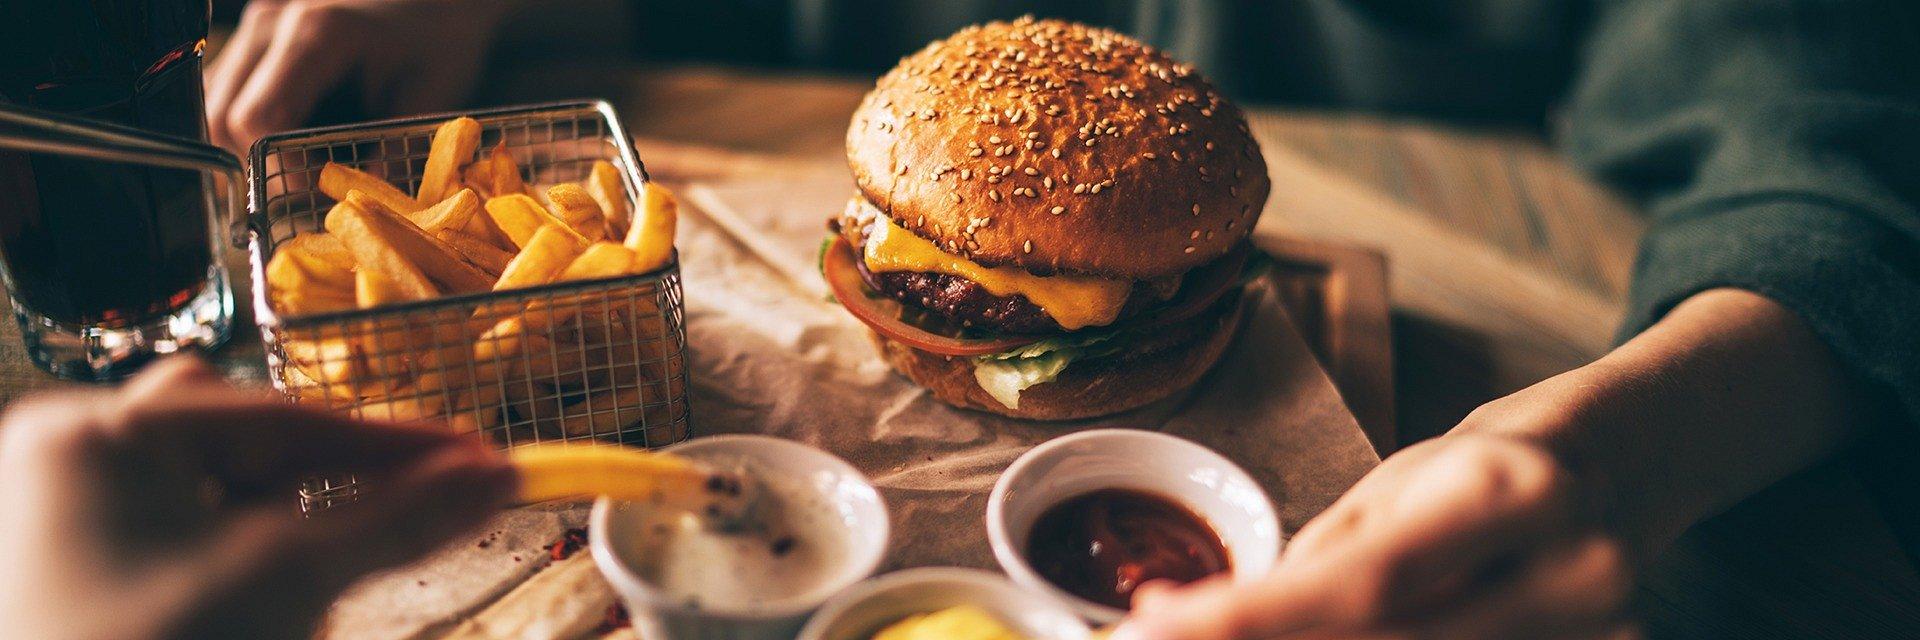 Ile płacimy za jedzenie z dowozem i kto wydaje najwięcej?